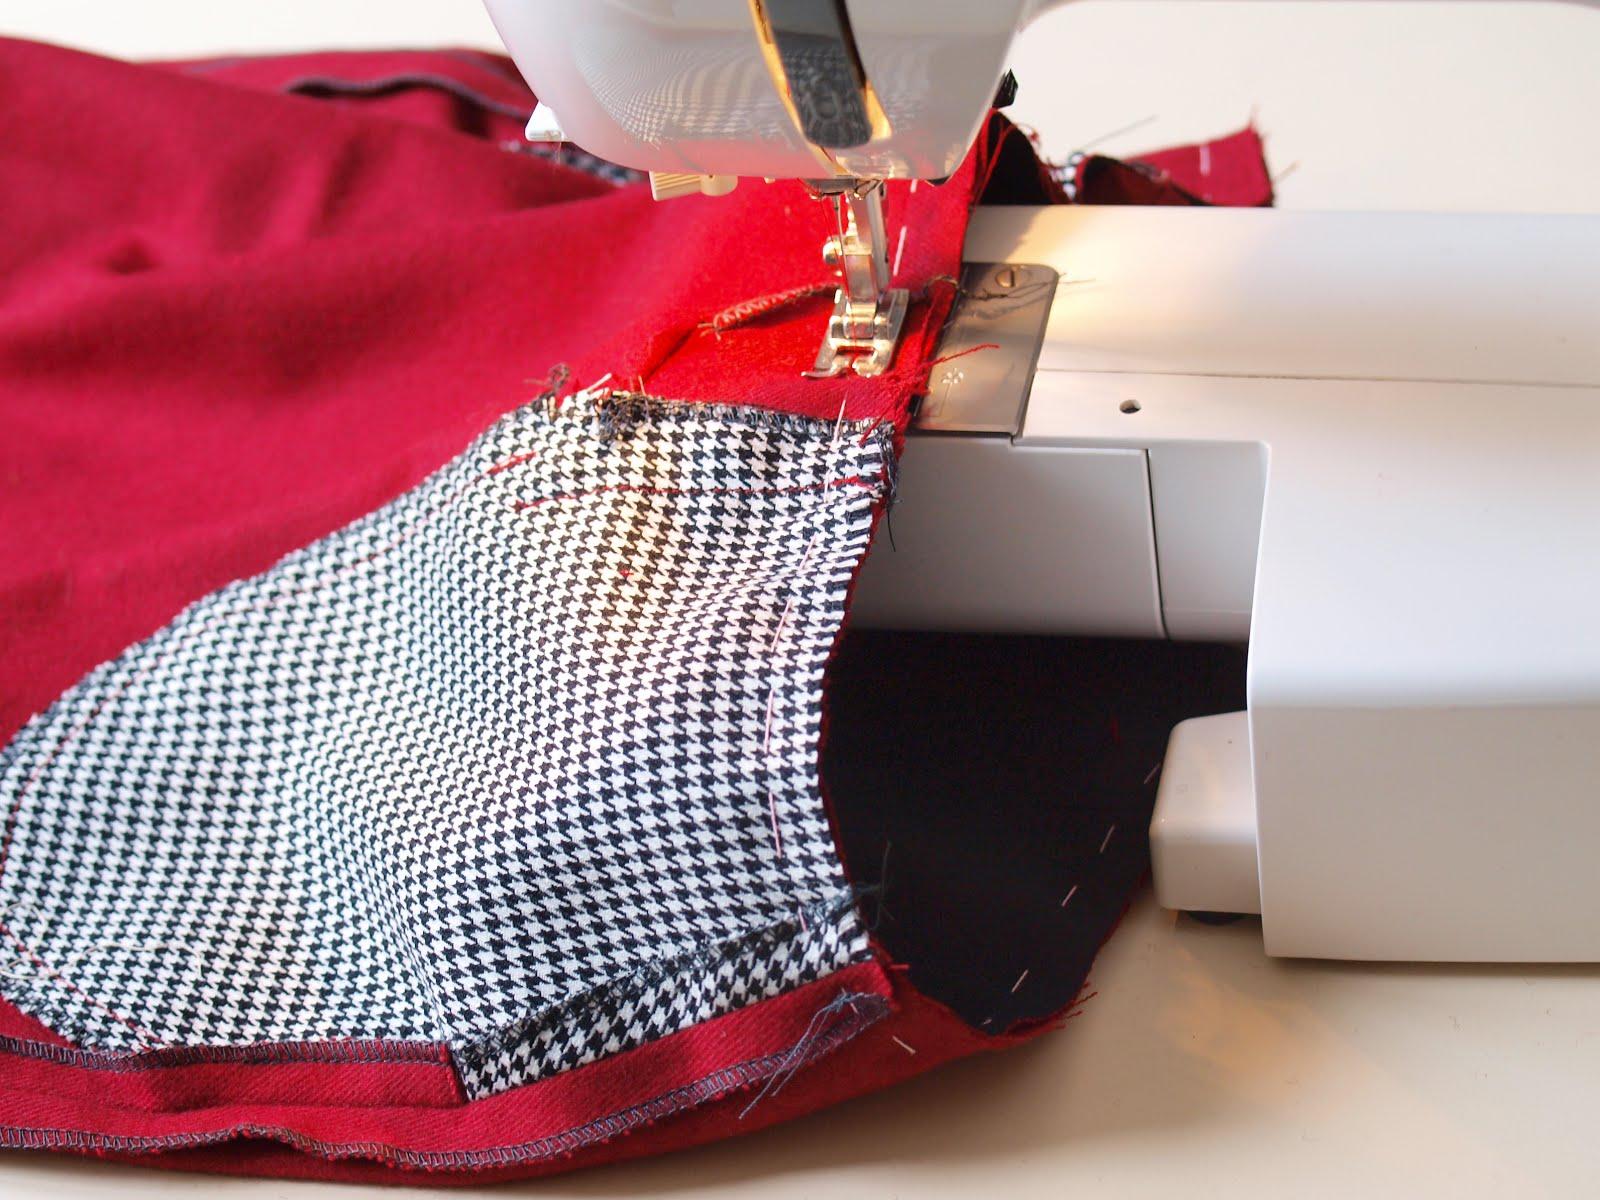 Les fusettes ateliers et patrons de couture metz la for Couture a metz